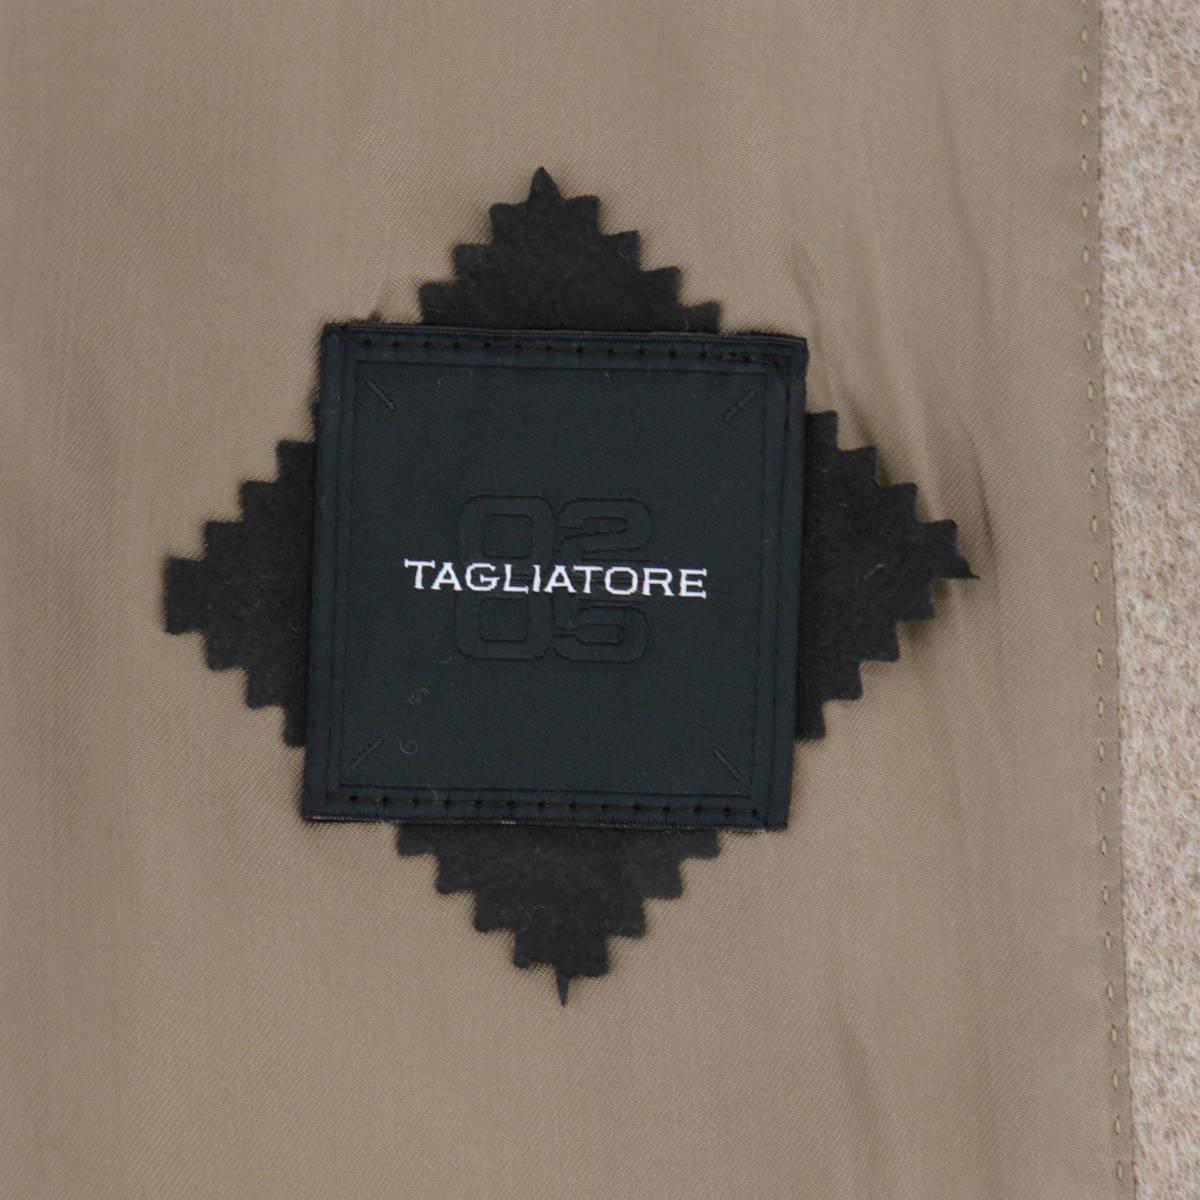 【動画付き】2020-21年秋冬新作 国内正規品 TAGLIATORE タリアトーレ レディース ウール シングル チェスターコート C-ZEUDI 19UIC027(グレージュ)